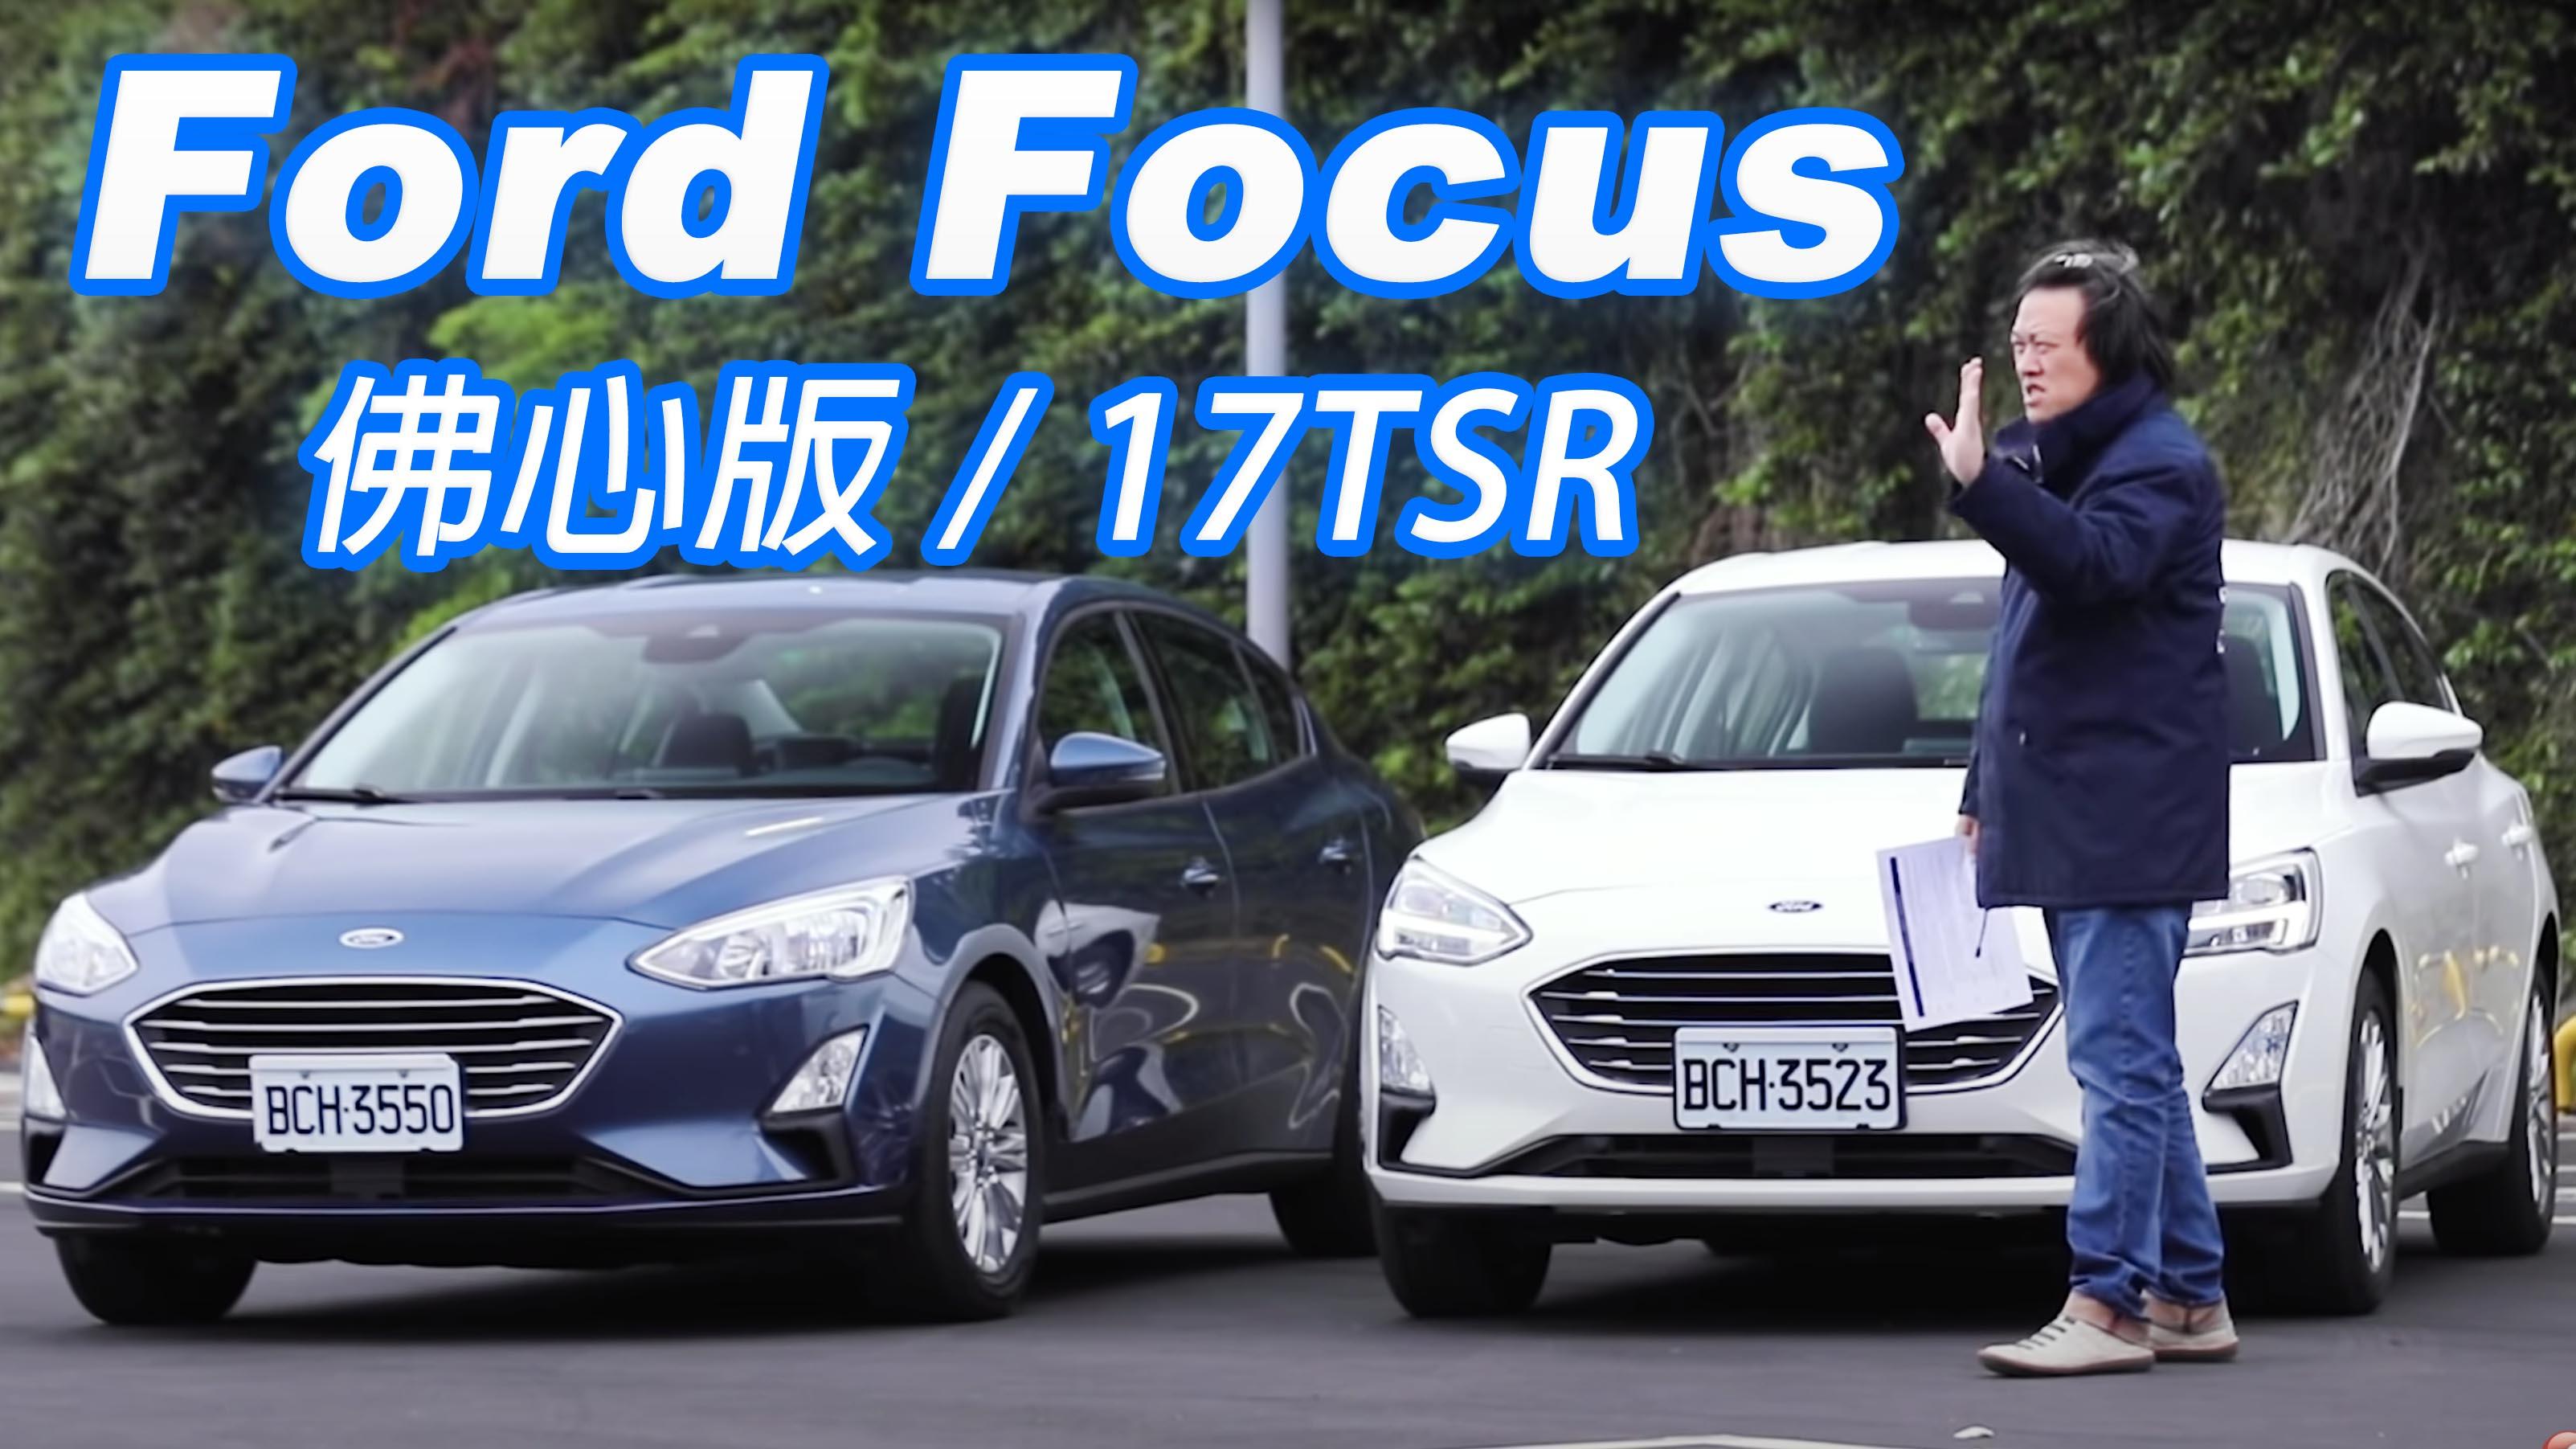 我Ford慈悲!高階安全親民價格 Ford Focus佛心版&17TSR|雙車型試駕【Go車誌】